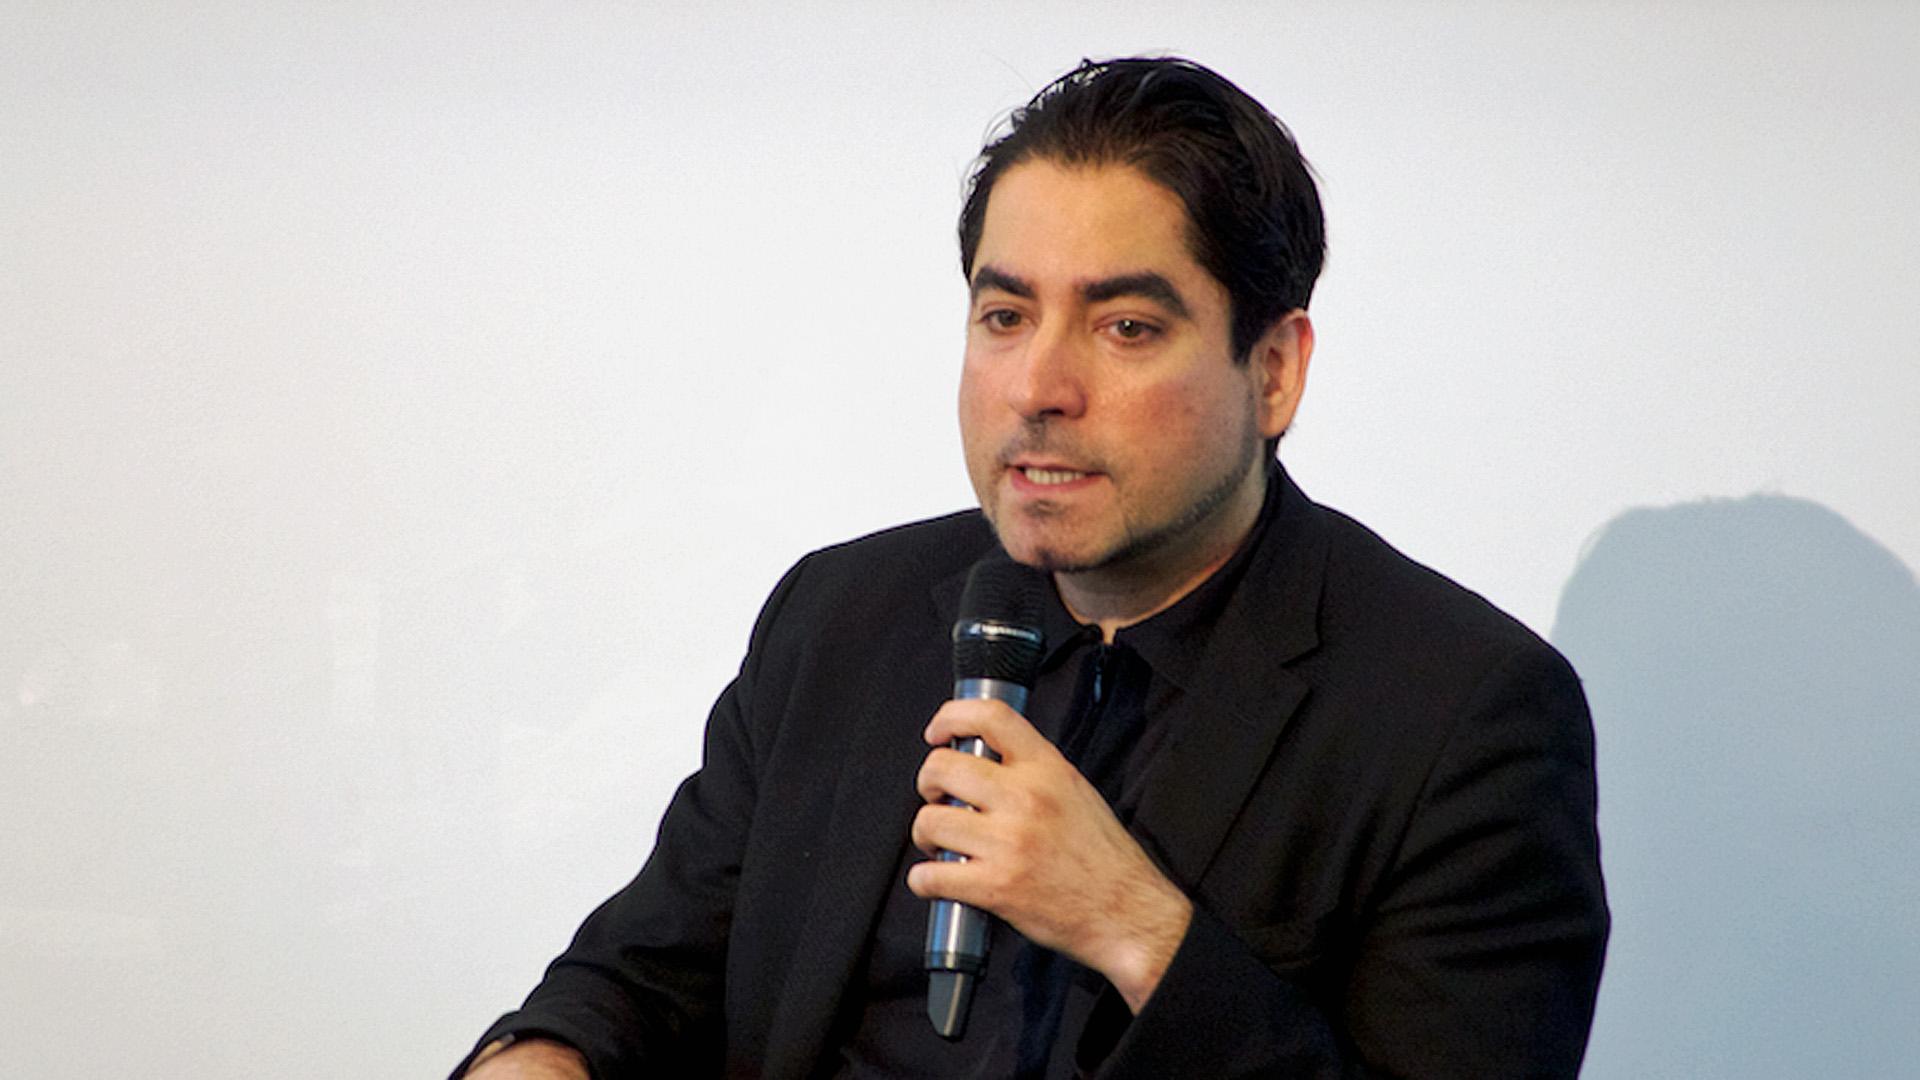 Mouhanad Khorchide wurde im Libanon geboren, ist in Saudi-Arabien aufgewachsen, hat in Österreich und Beirut studiert und ist jetzt Professor für islamische Religionspädagogik an der Universität Münster